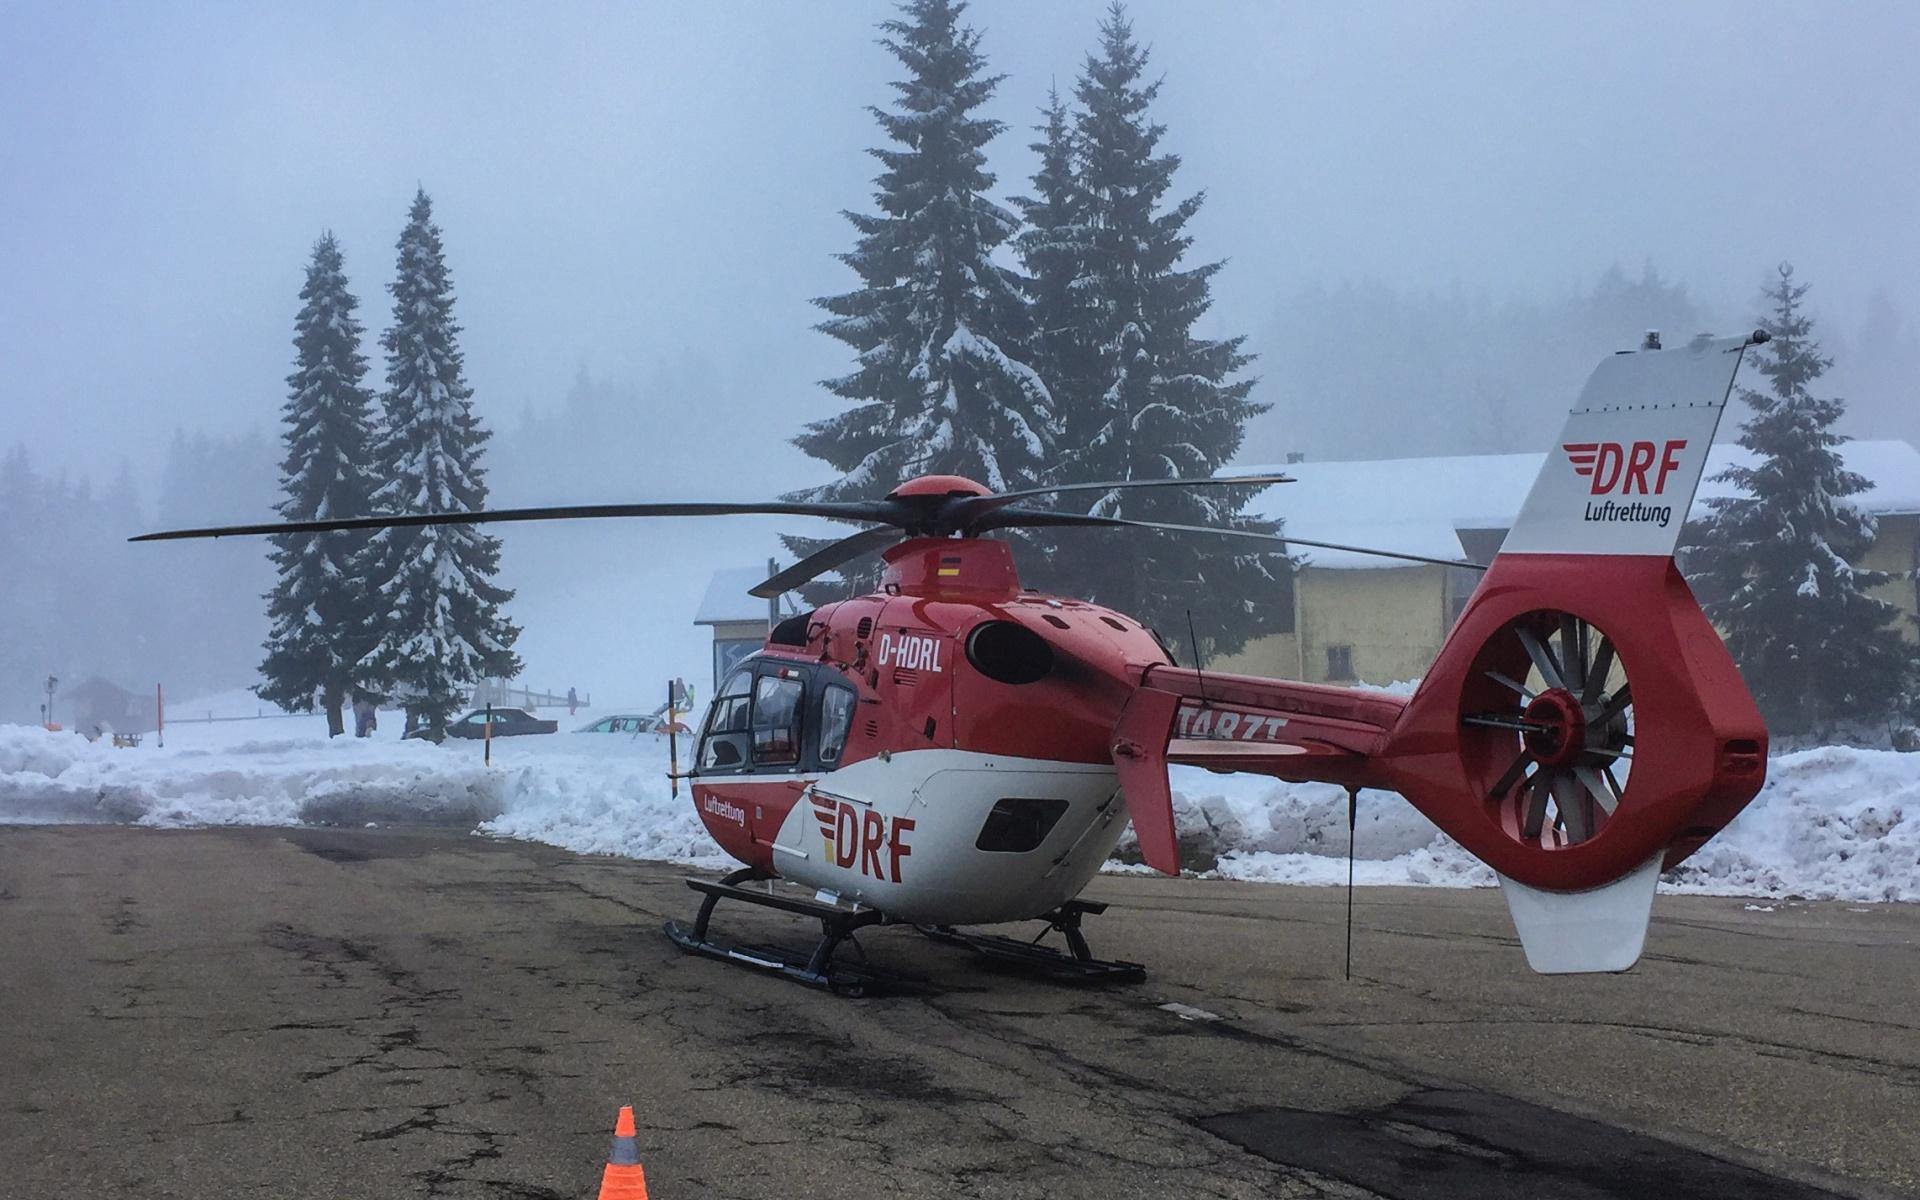 Schwierige Bedingungen bei der Rettung einer verletzten Spaziergängerin. Hubschrauberbesatzung, bodengebundene Rettungskräfte und die Bergwacht arbeiteten Hand in Hand.